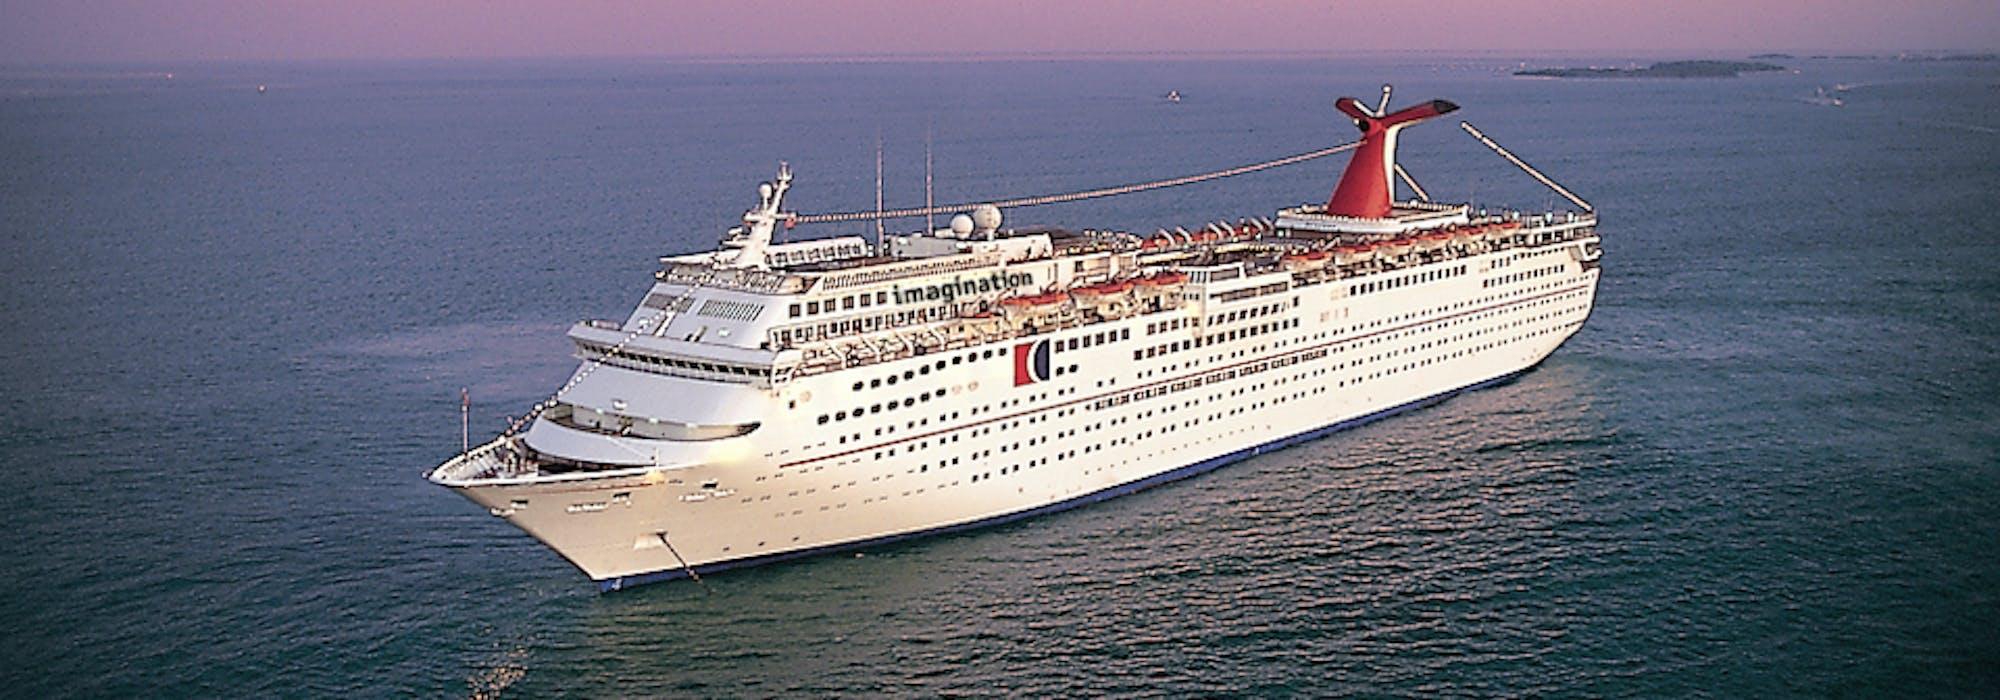 Bild från ovan tagen i solnedgången på fartyget Carnival Imagination.